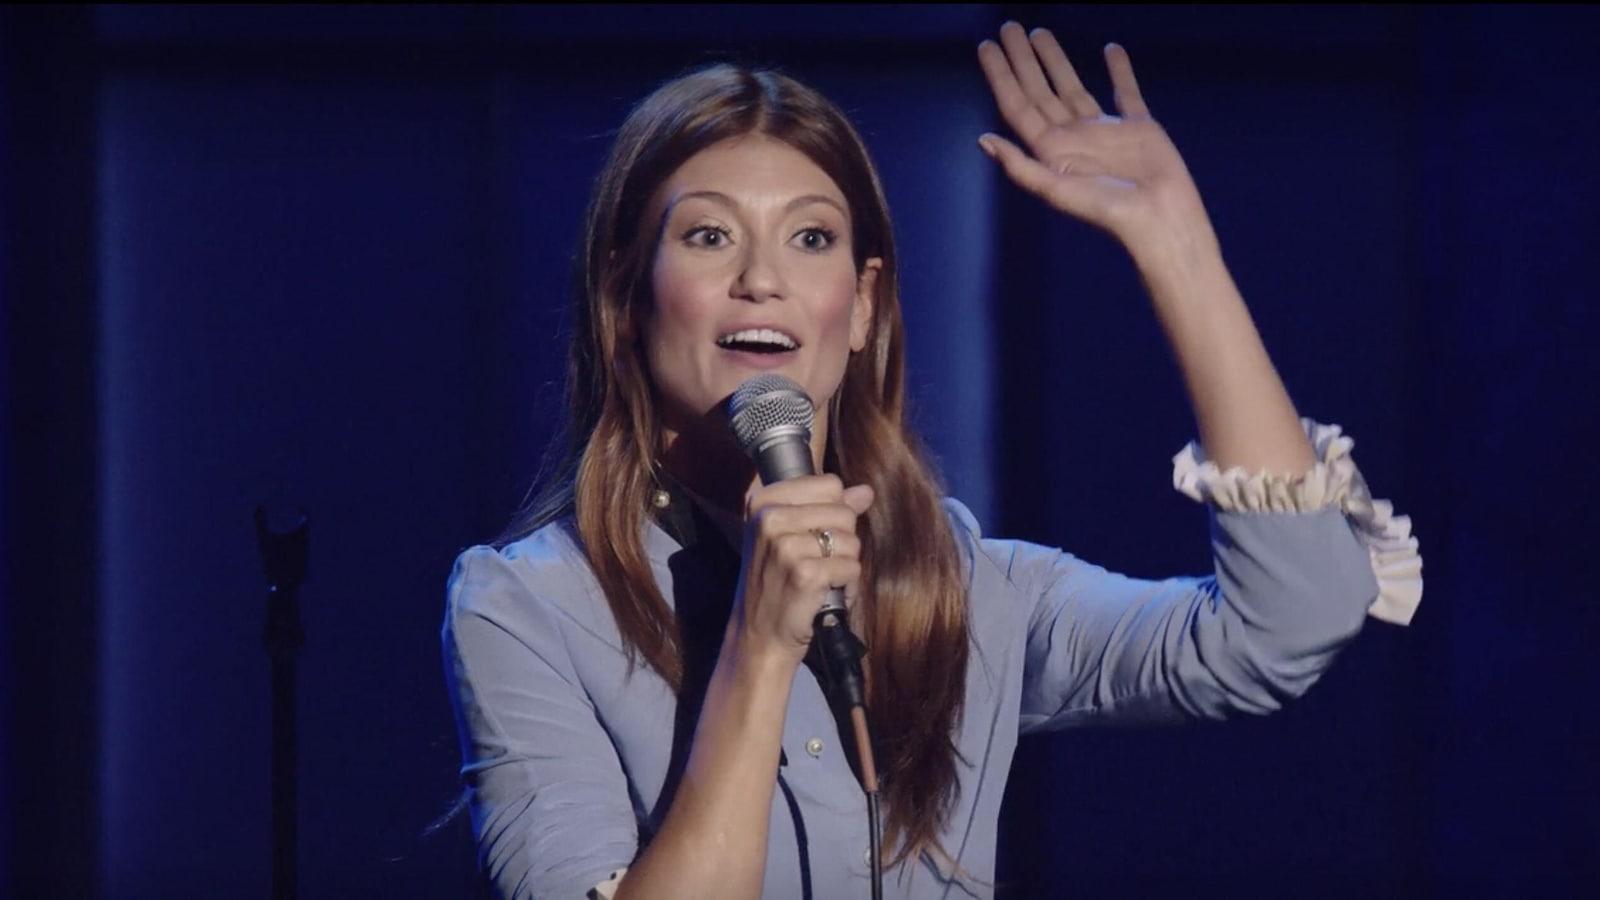 Katherine Levac tient un micro sur scène.